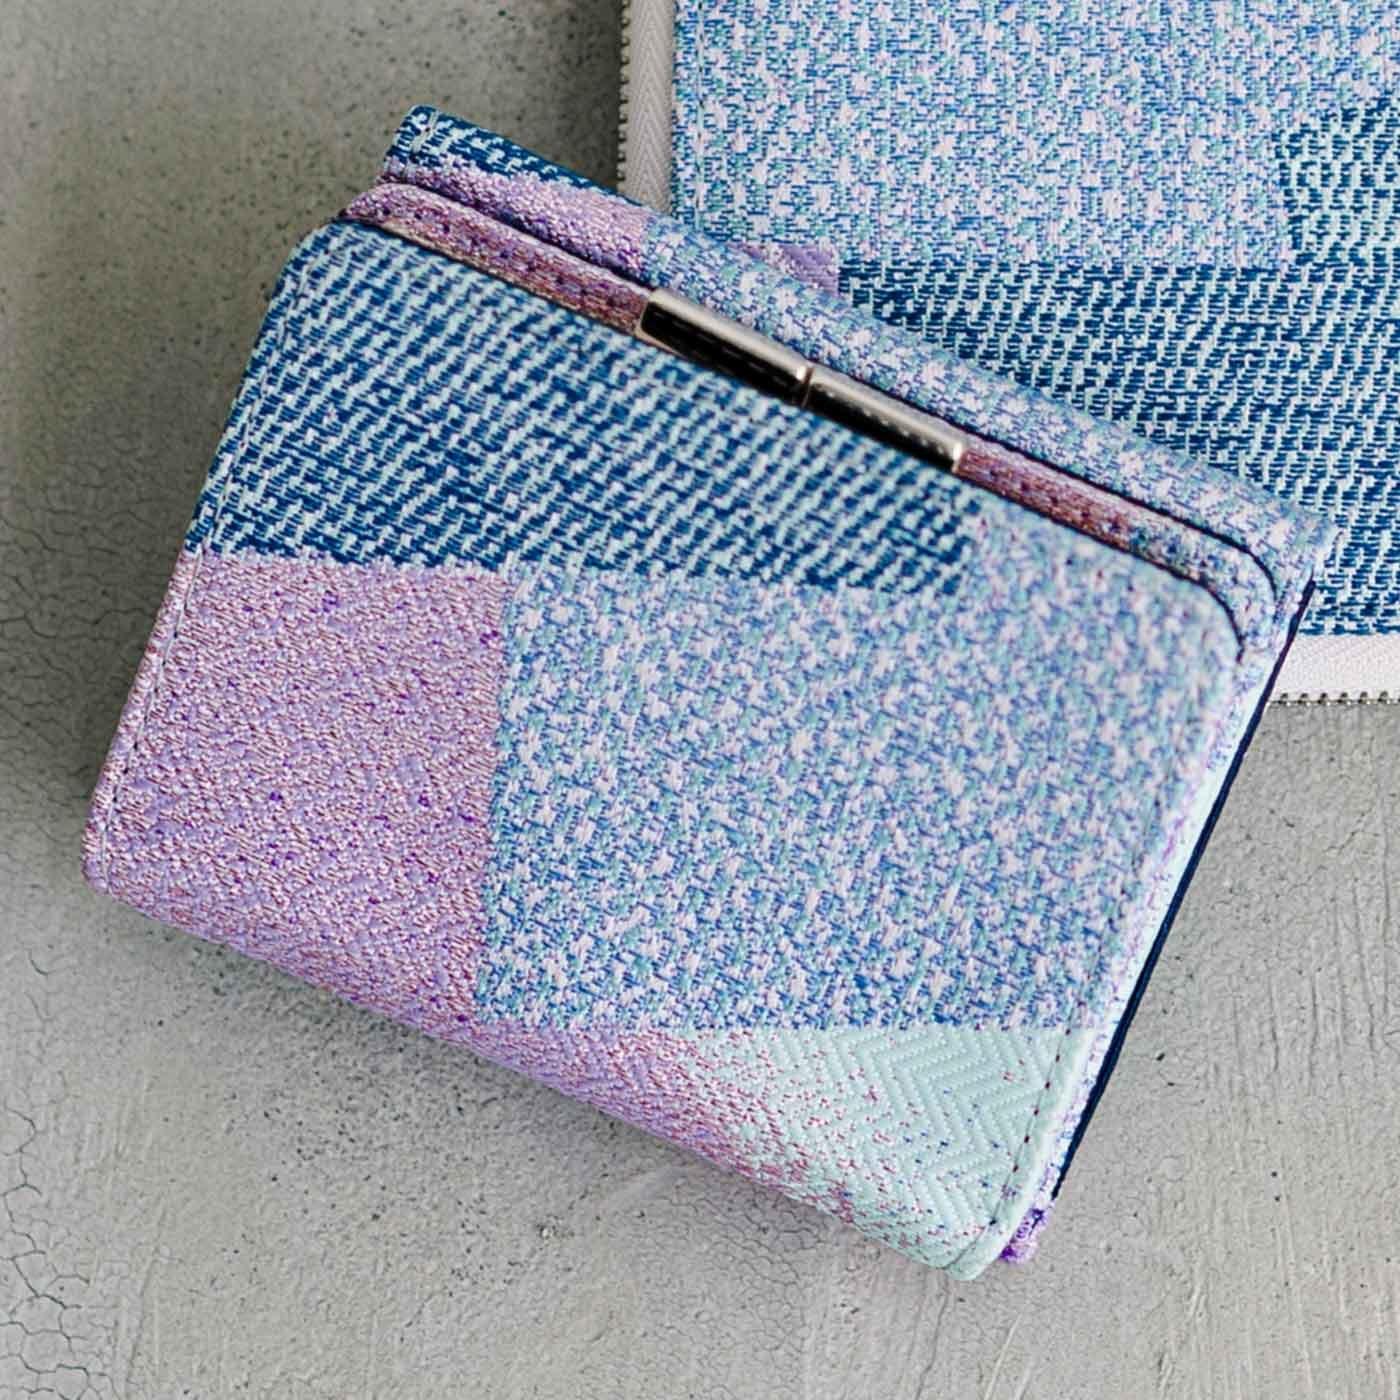 特別な西陣織の生地で作った 三つ折りがま口ミニ財布